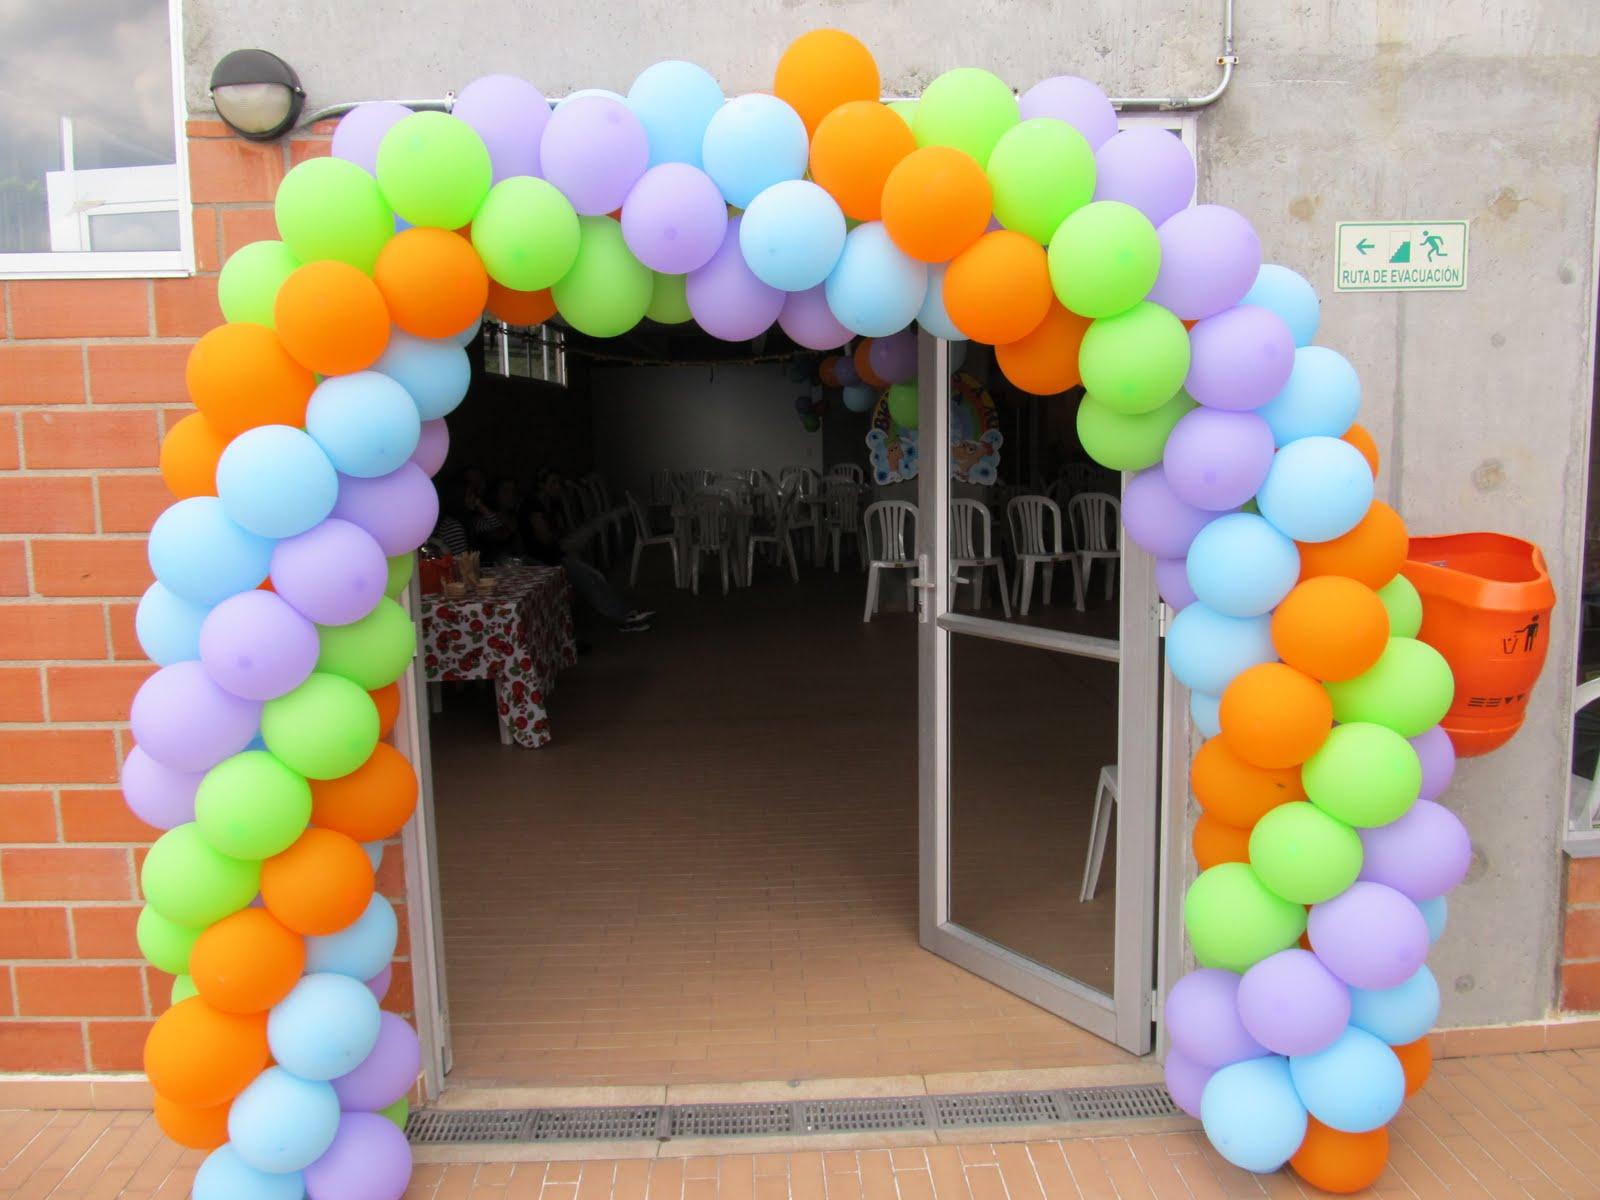 Globos de Cantoya   Globos de Luz   Artículos bodas